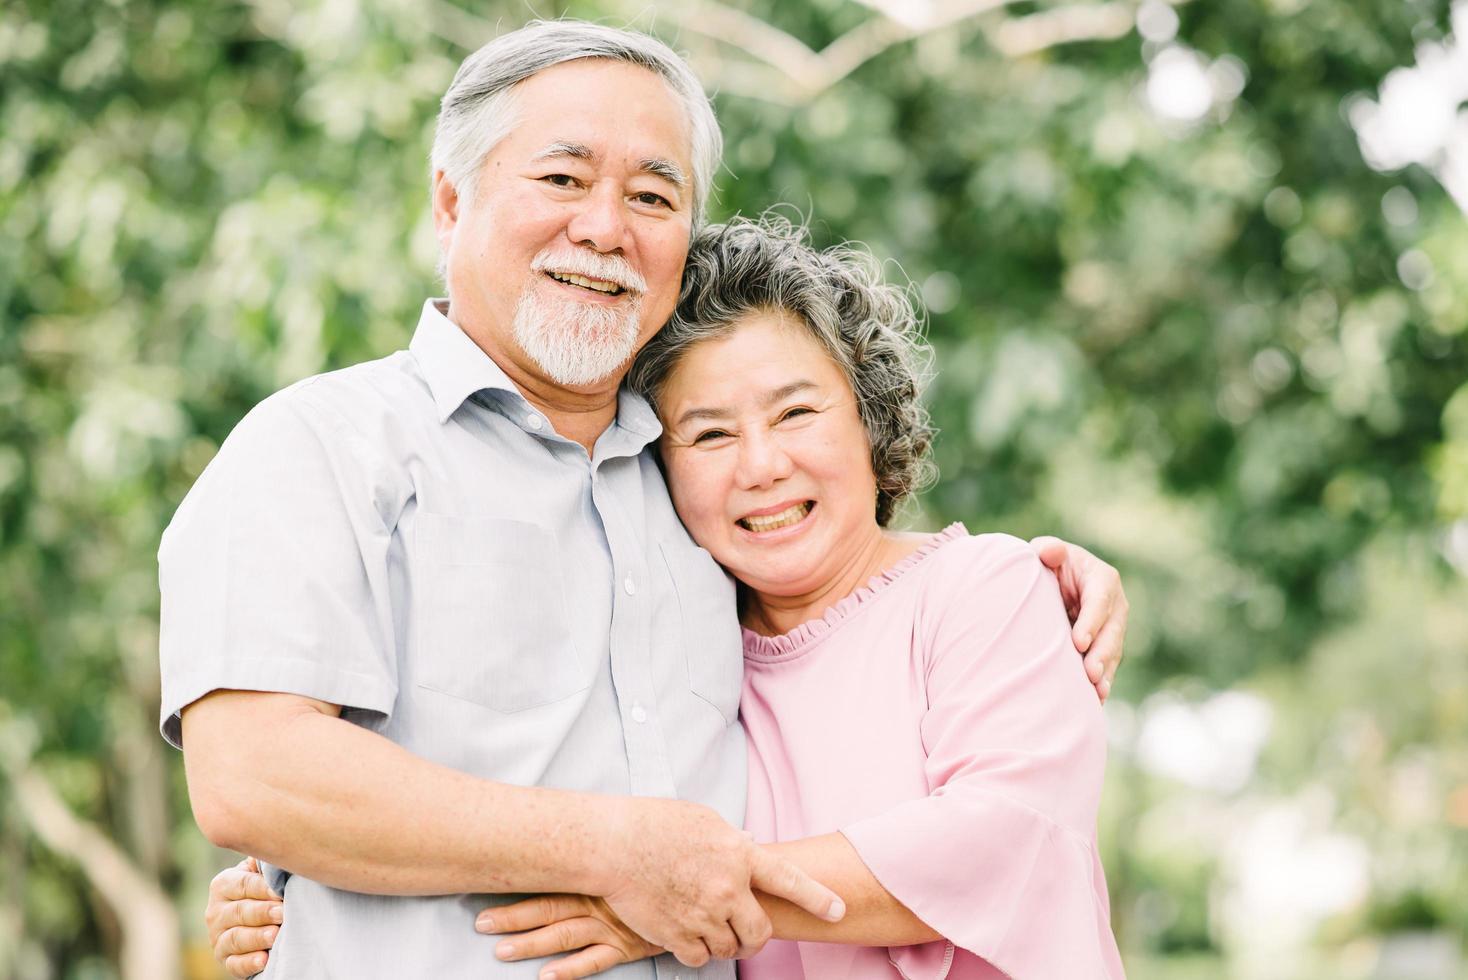 pareja senior abrazando en el parque al aire libre foto